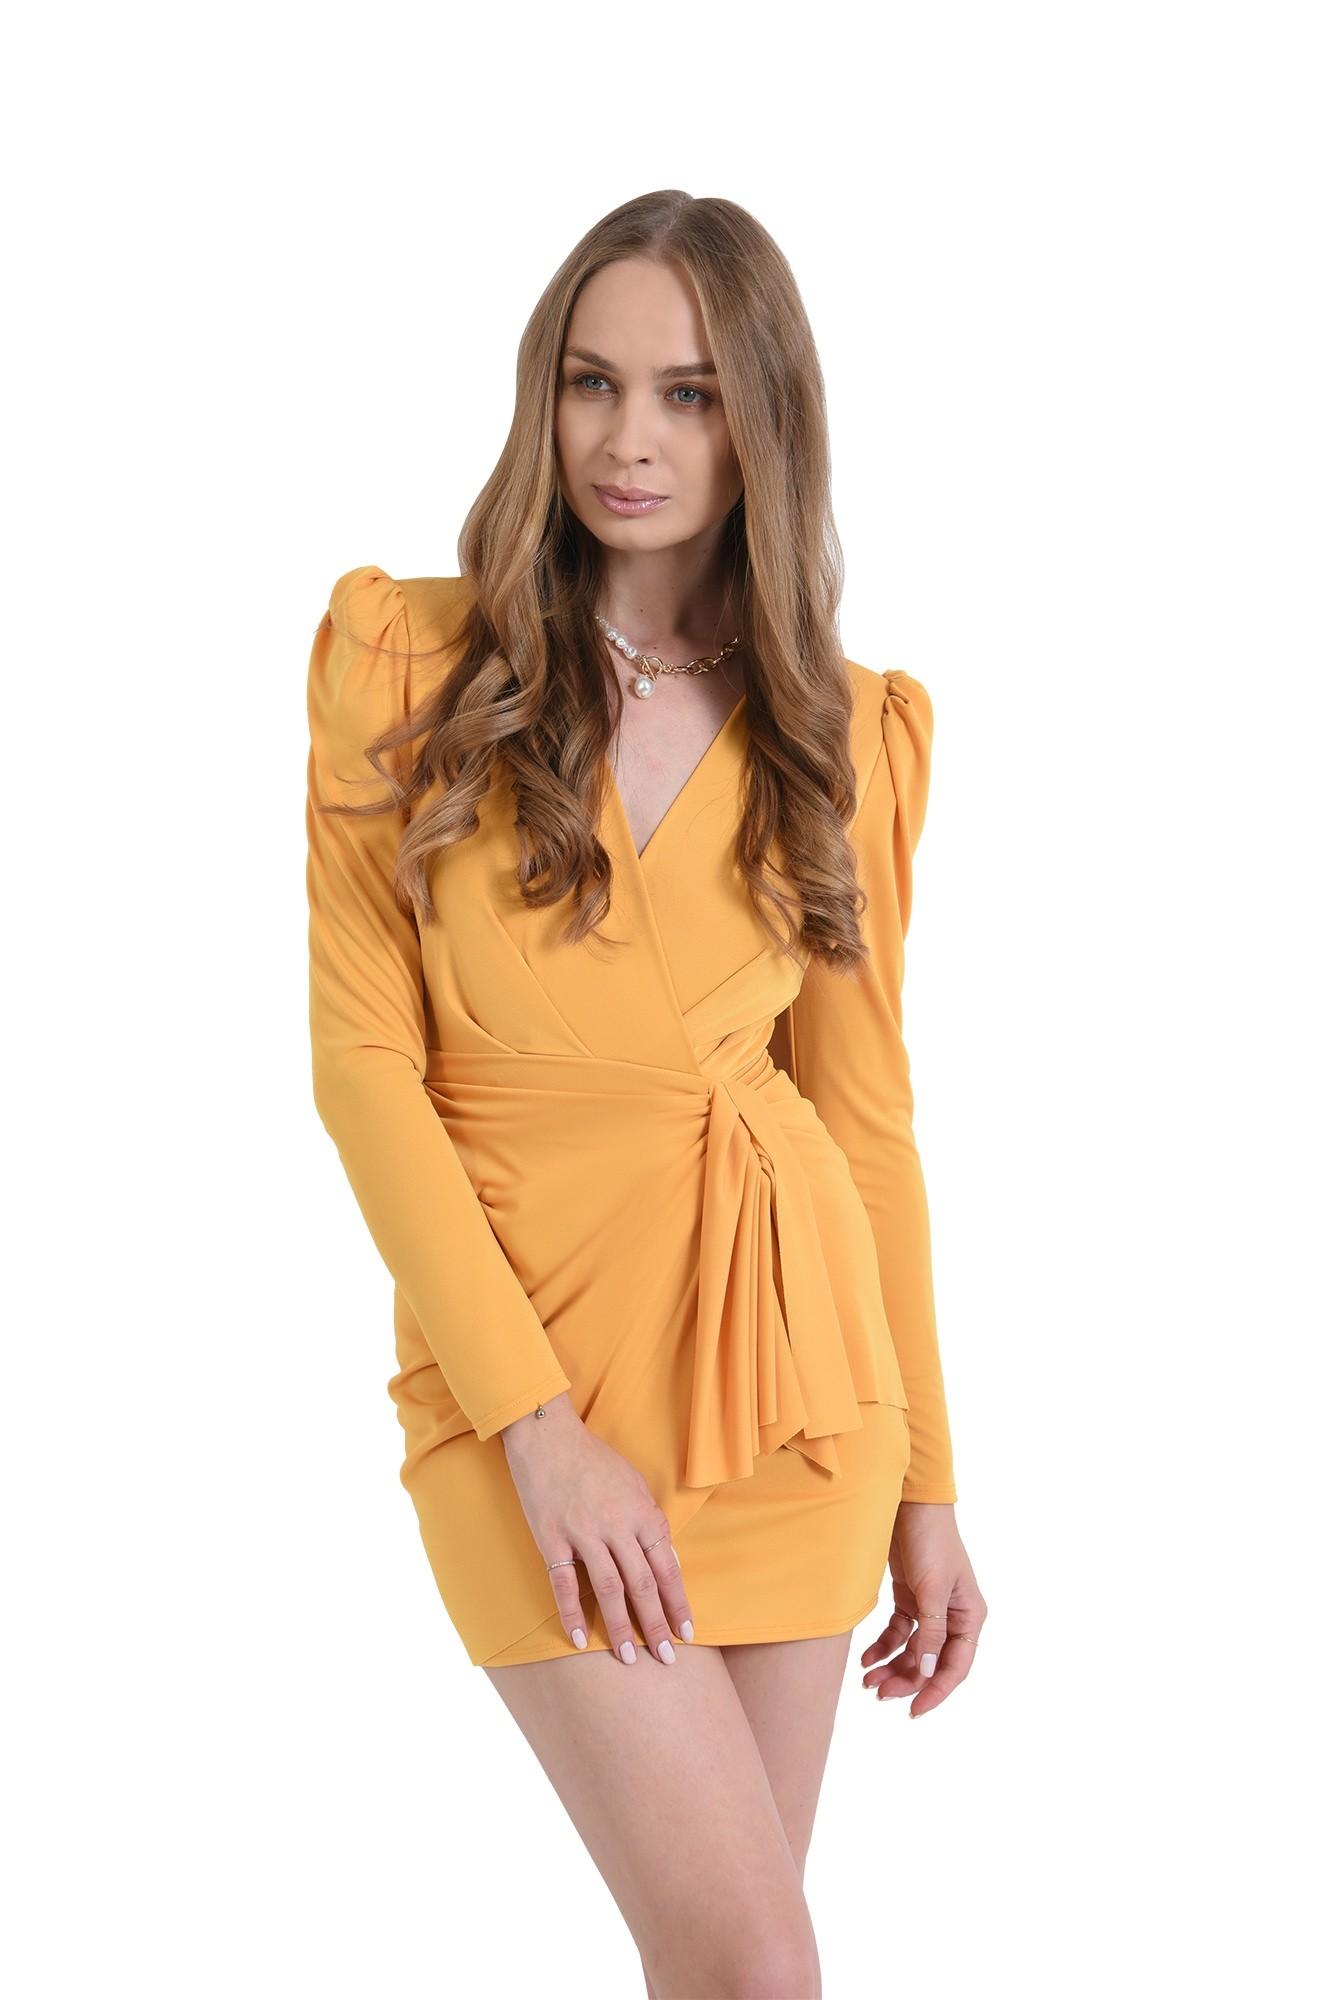 3 - rochie cu detaliu, cu umeri accentuati, cu maneca lunga